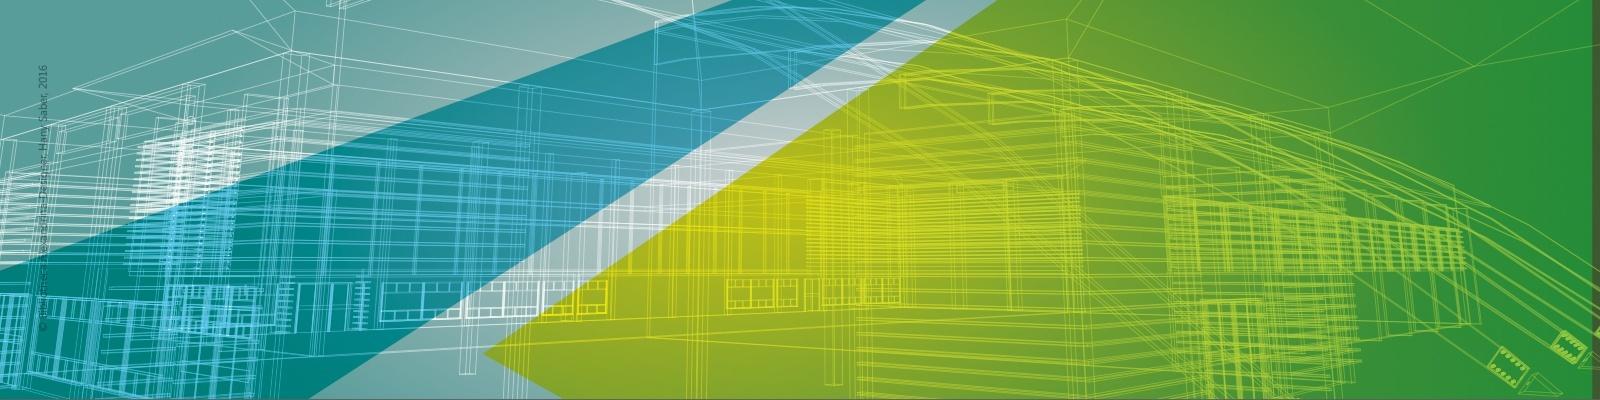 Concours international d'architecture de la Cité des Sciences